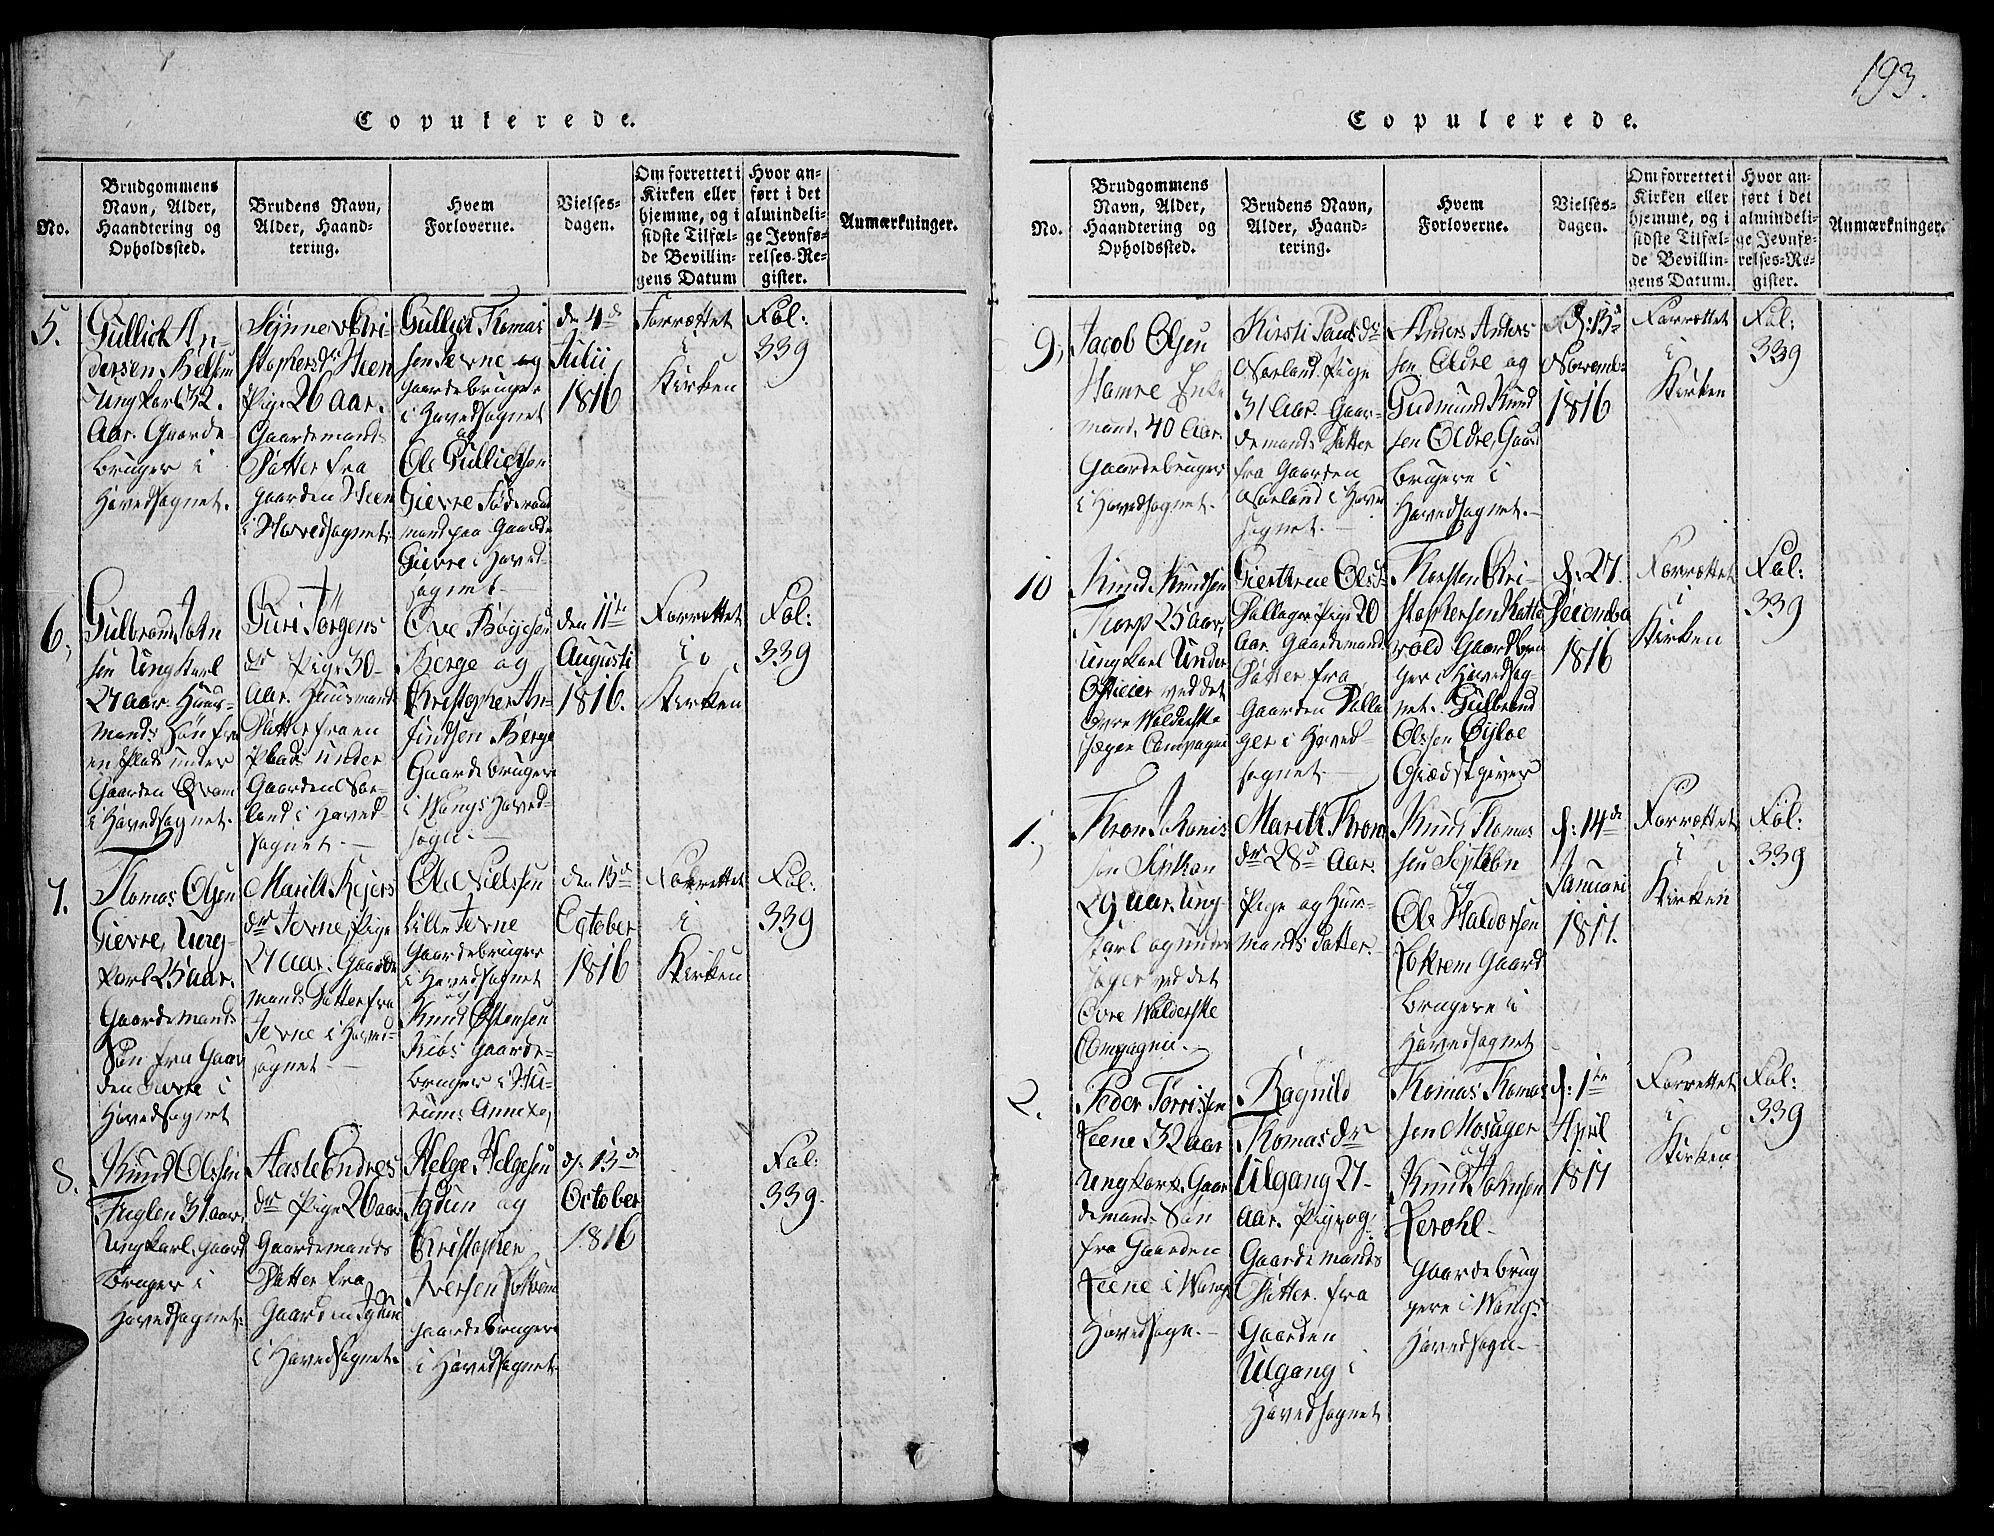 SAH, Vang prestekontor, Valdres, Klokkerbok nr. 2, 1814-1889, s. 193